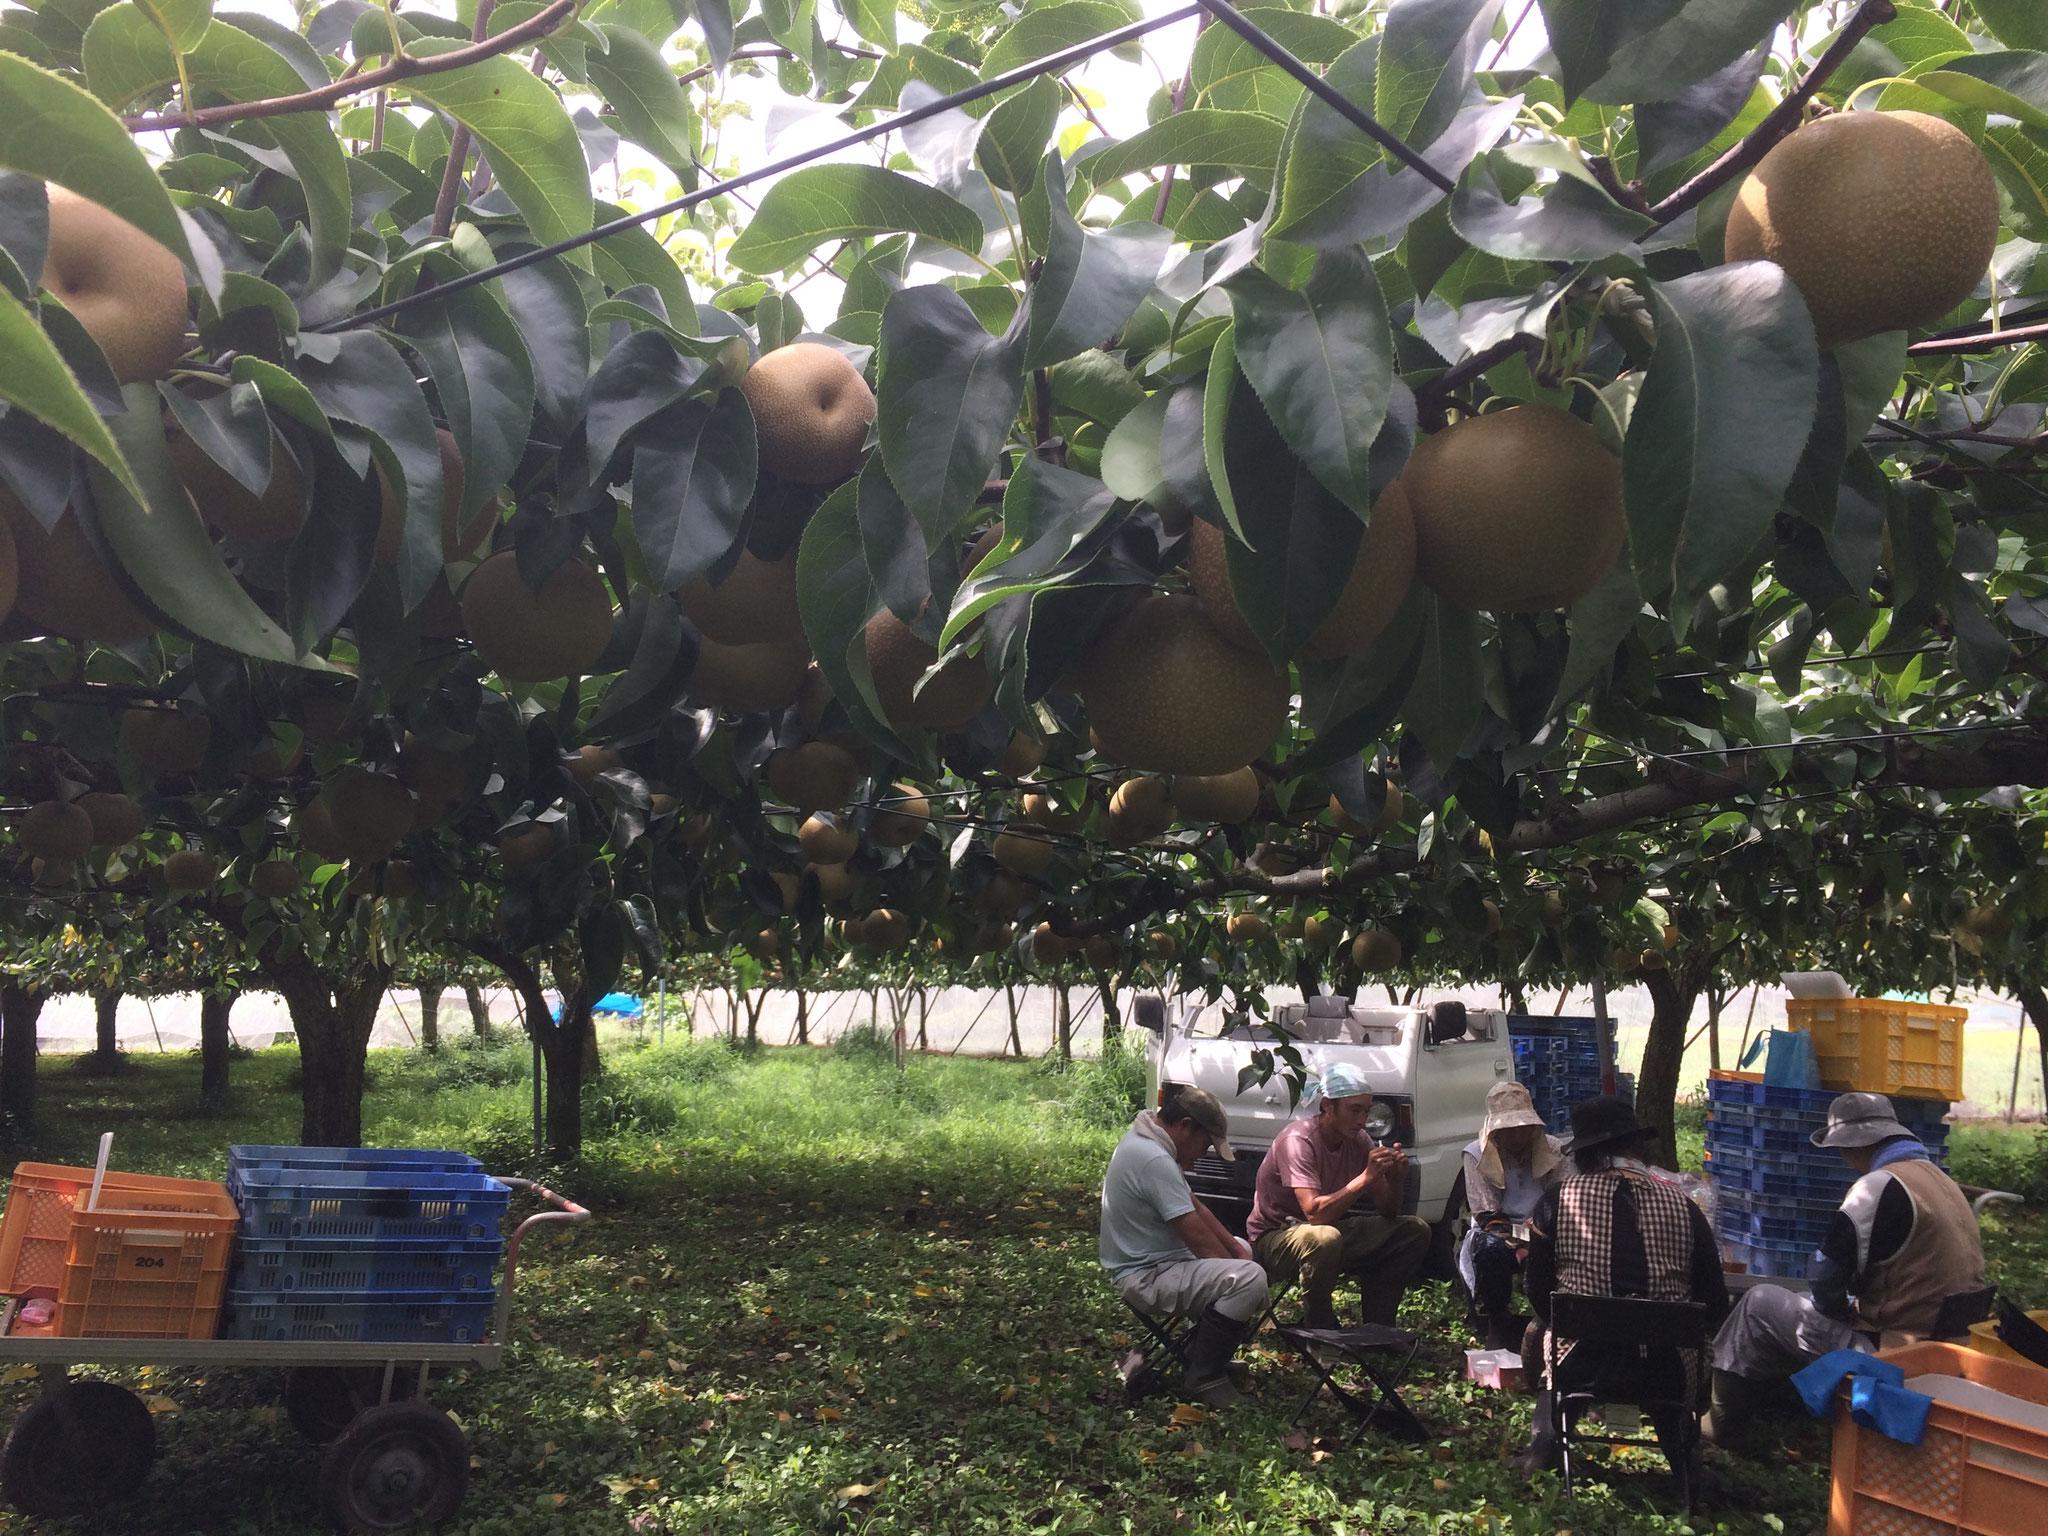 宇都宮市内でも有数の果樹園地域が広がる